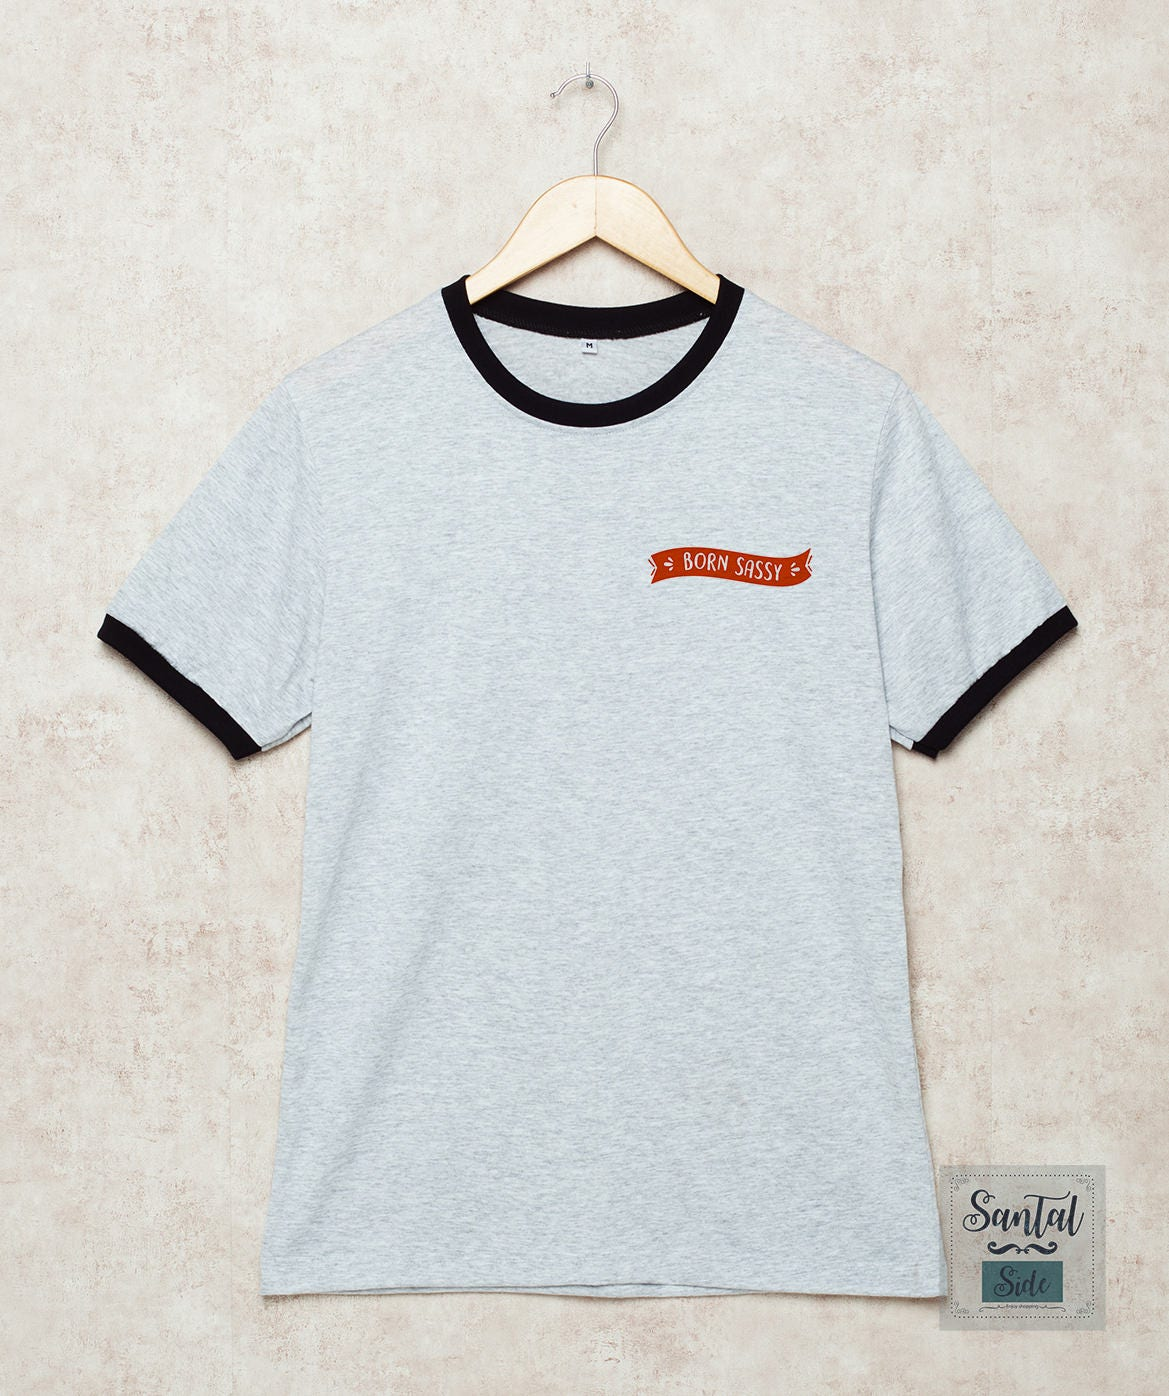 Né à Sassy chemise Sassy chemises poche poche poche T Shirt ras du cou T-Shirt Sassy depuis naissance gris Taille S, M, L, XL, 2XL, 3XL trois anneau de couleur 951e14